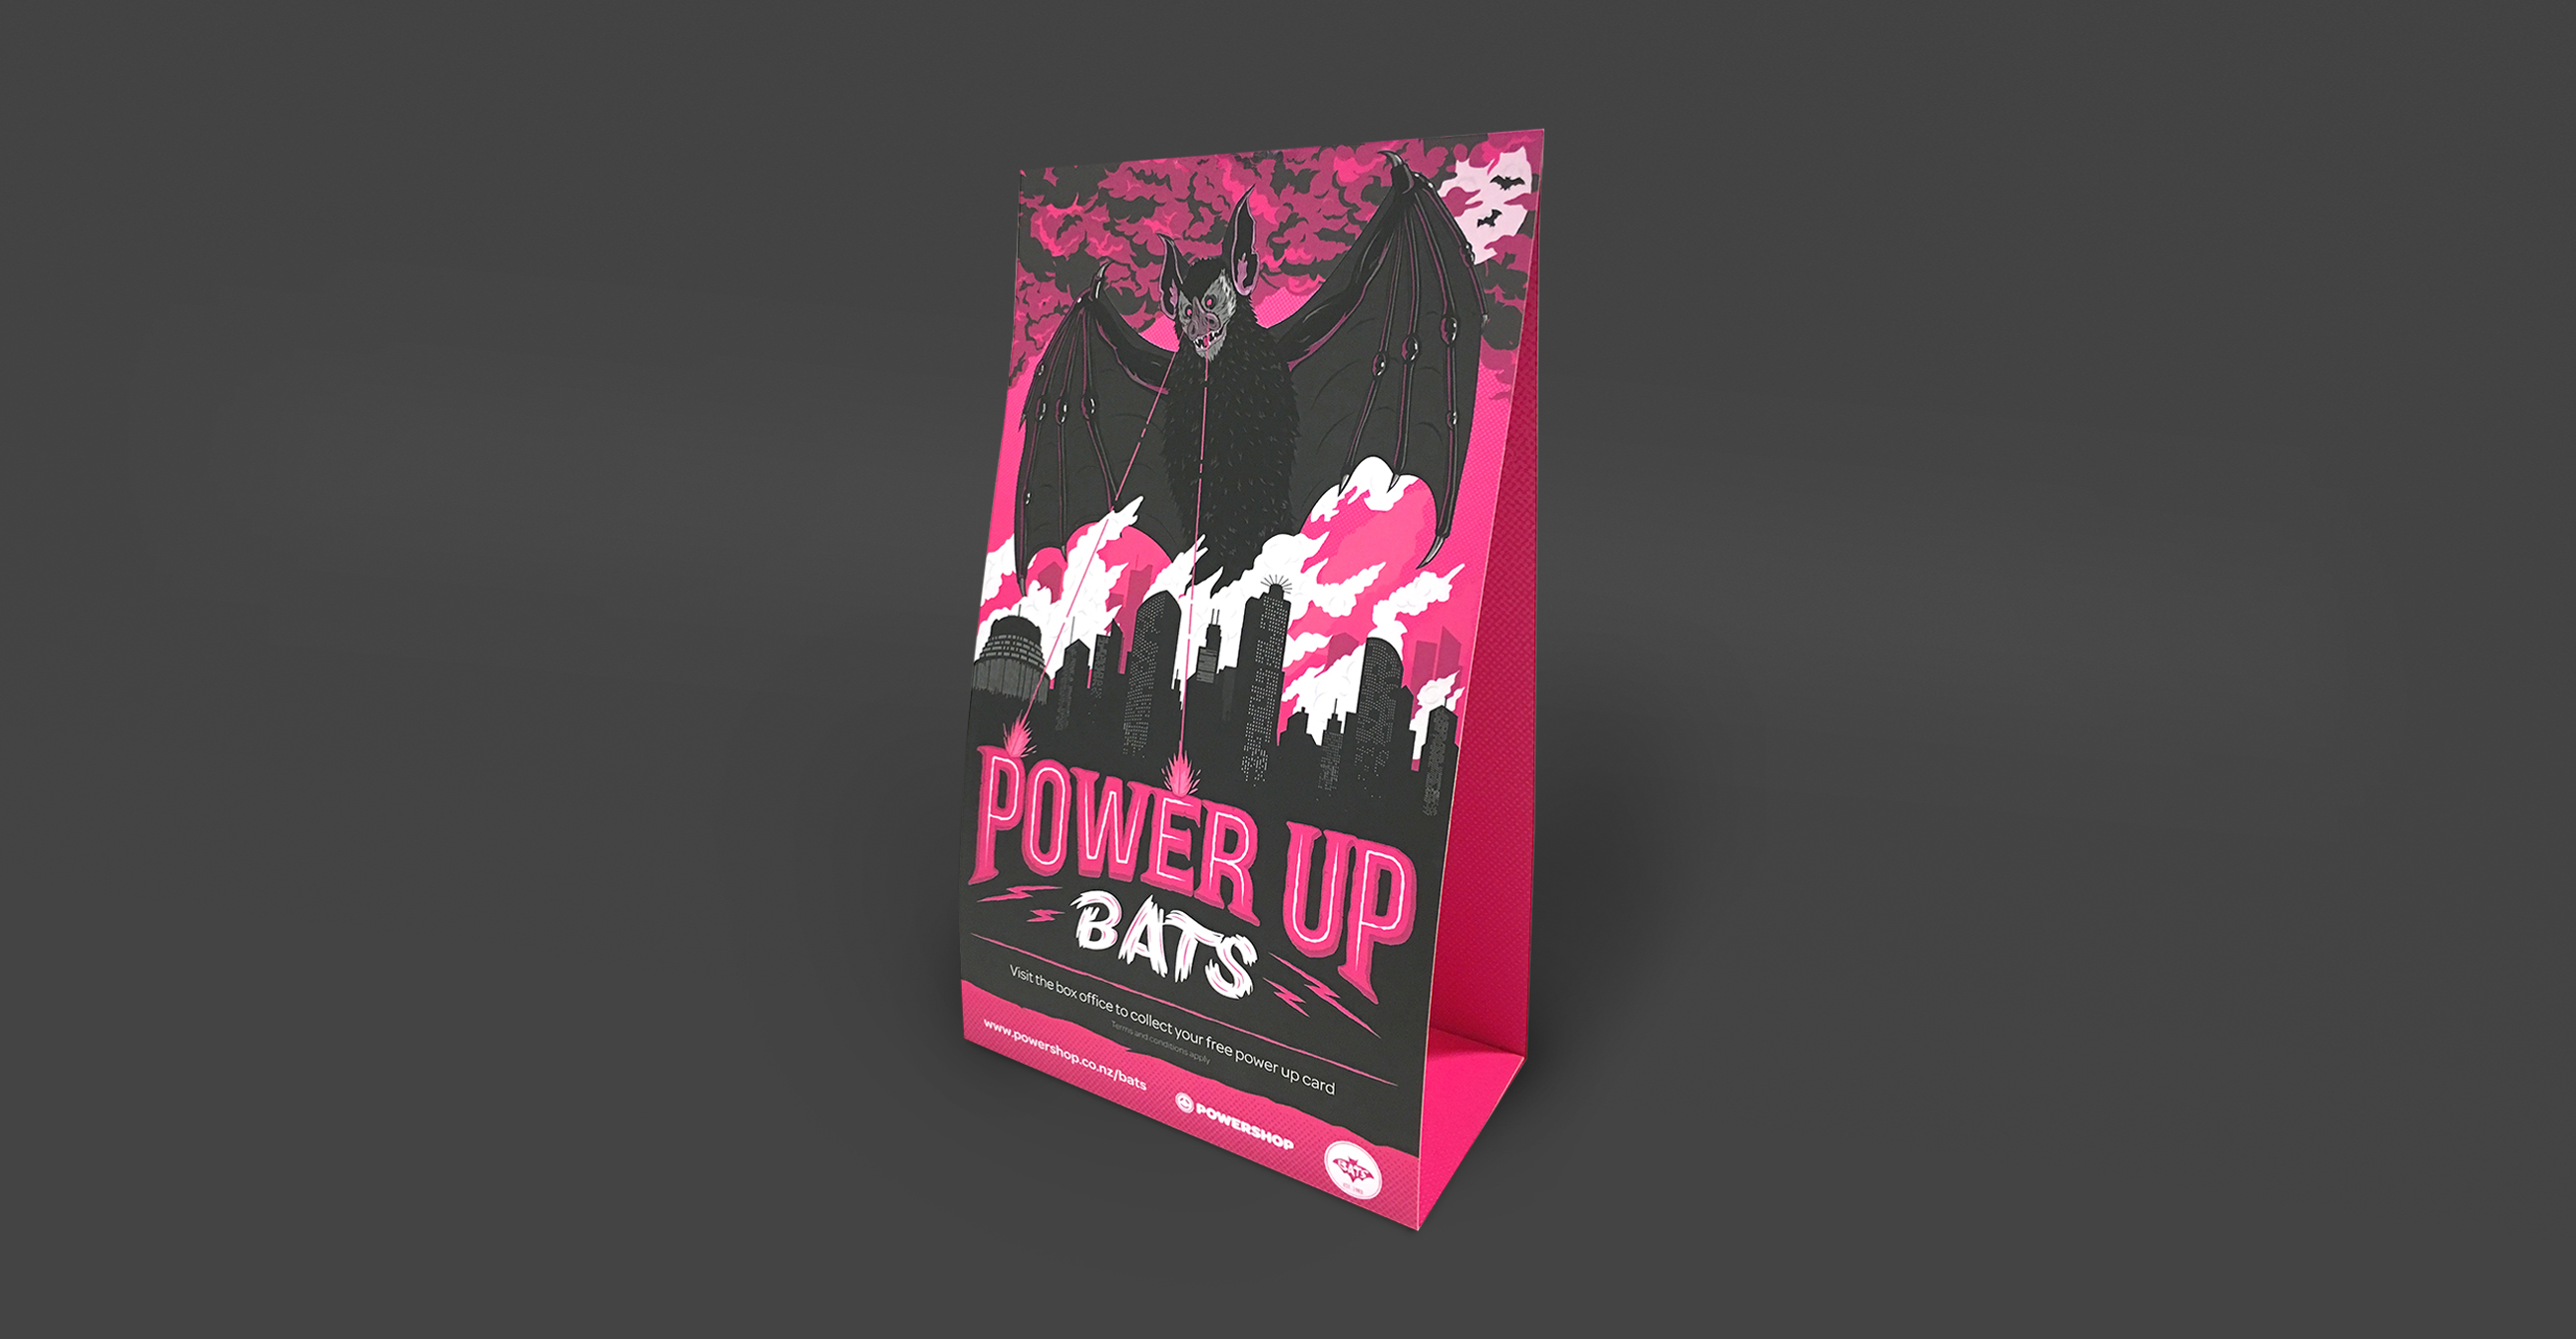 powerup_bats_6.jpg